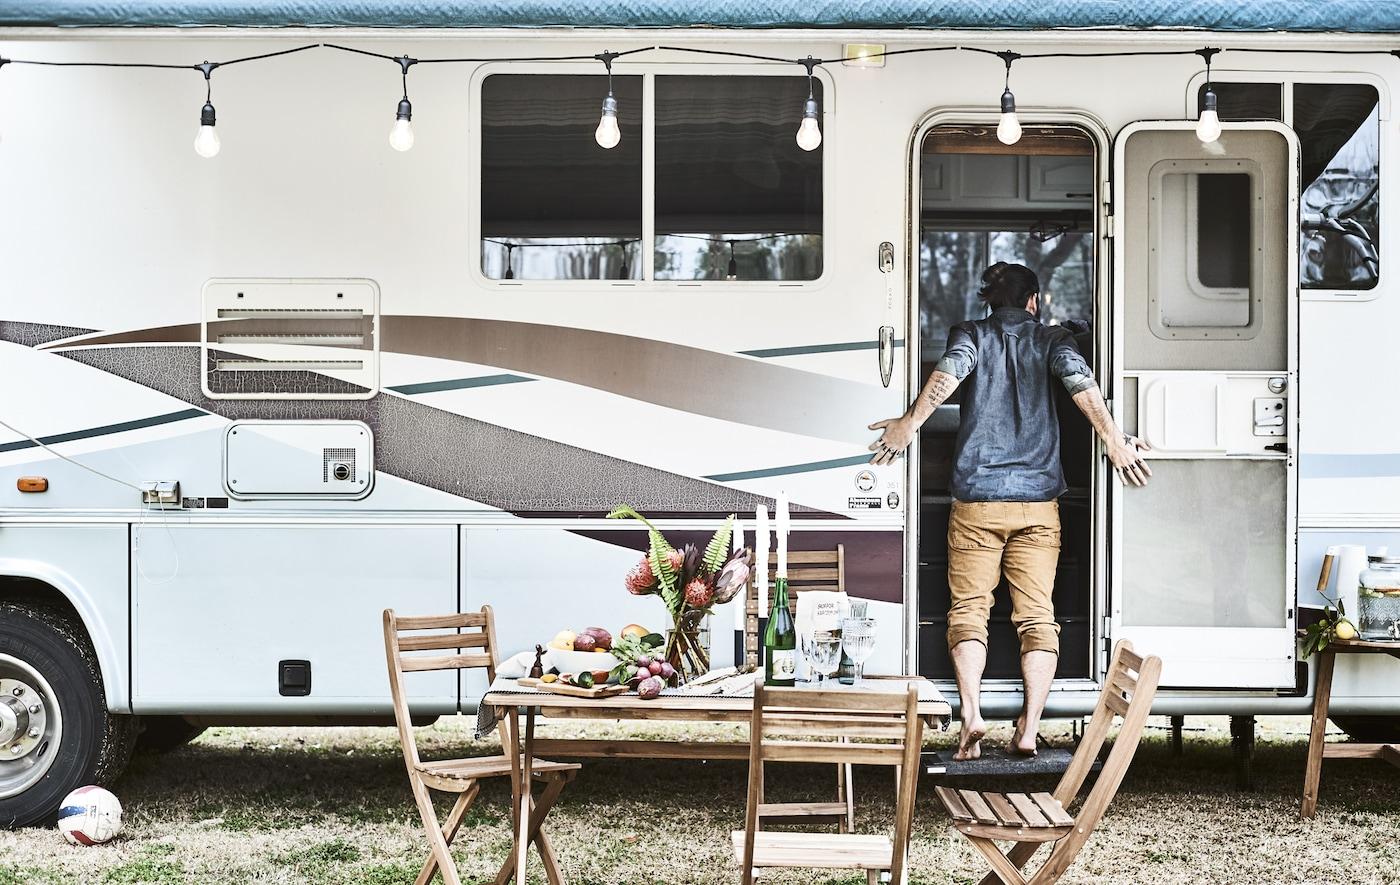 Mobilier d'extérieur installé devant un mobil-home décoré d'une guirlande lumineuse, avec Karlton debout devant l'entrée.